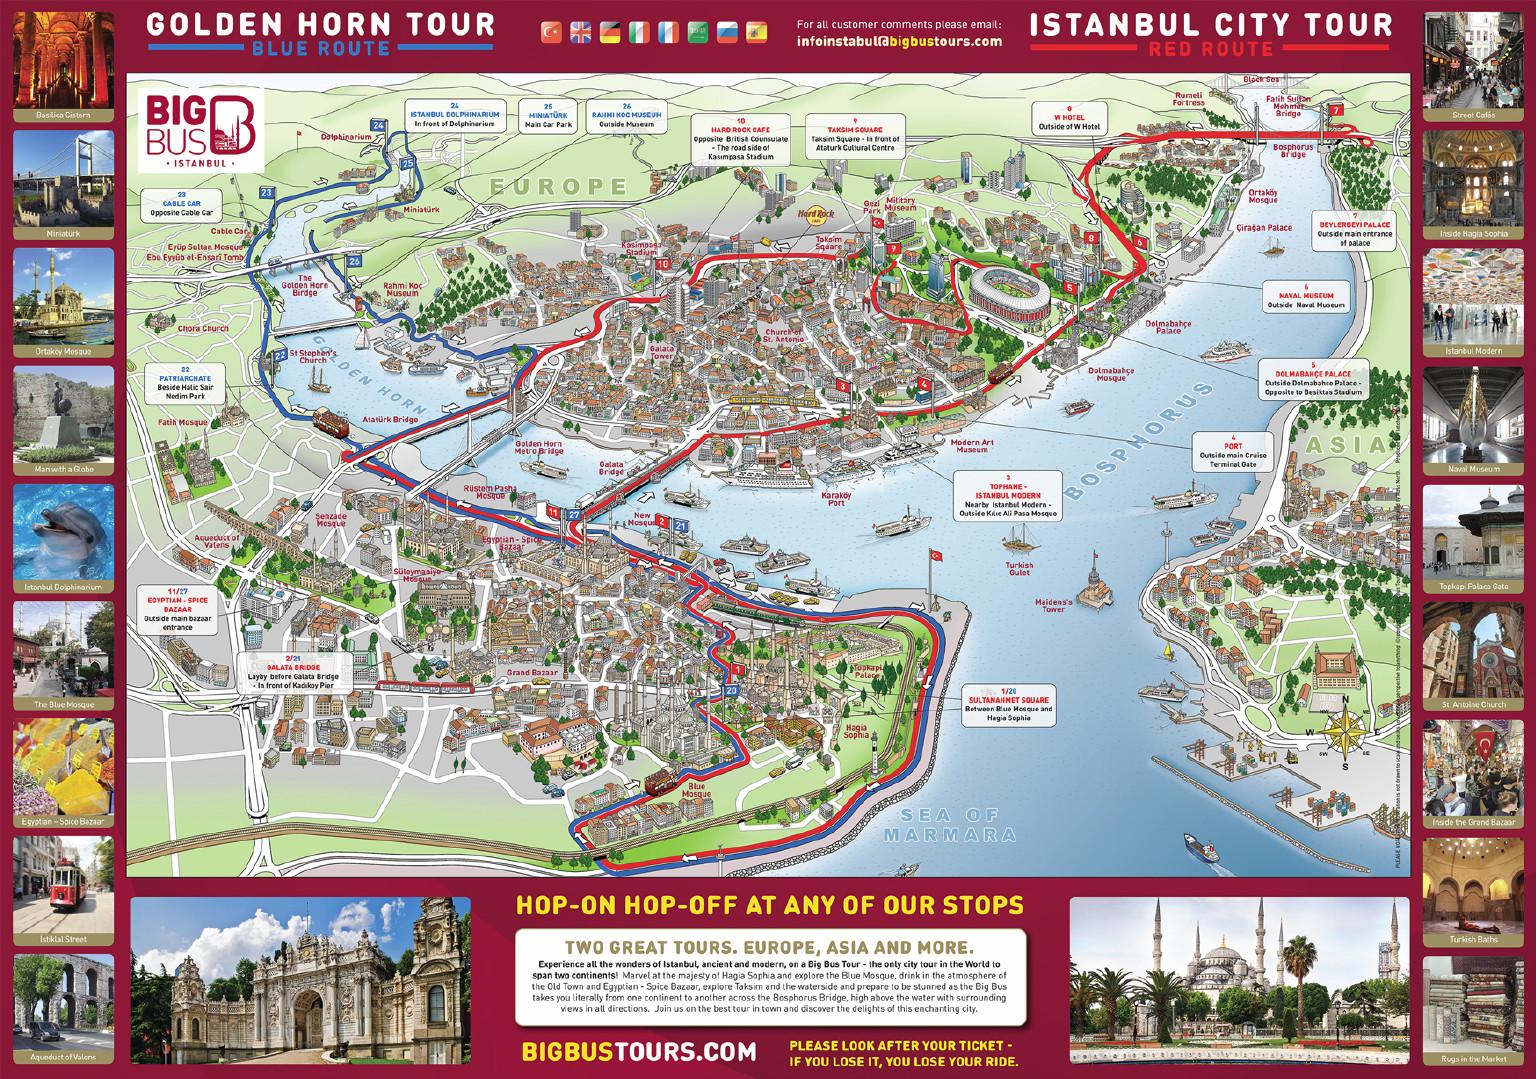 Стамбул. День 2. Автобусный тур big bus: из Европы в Азию